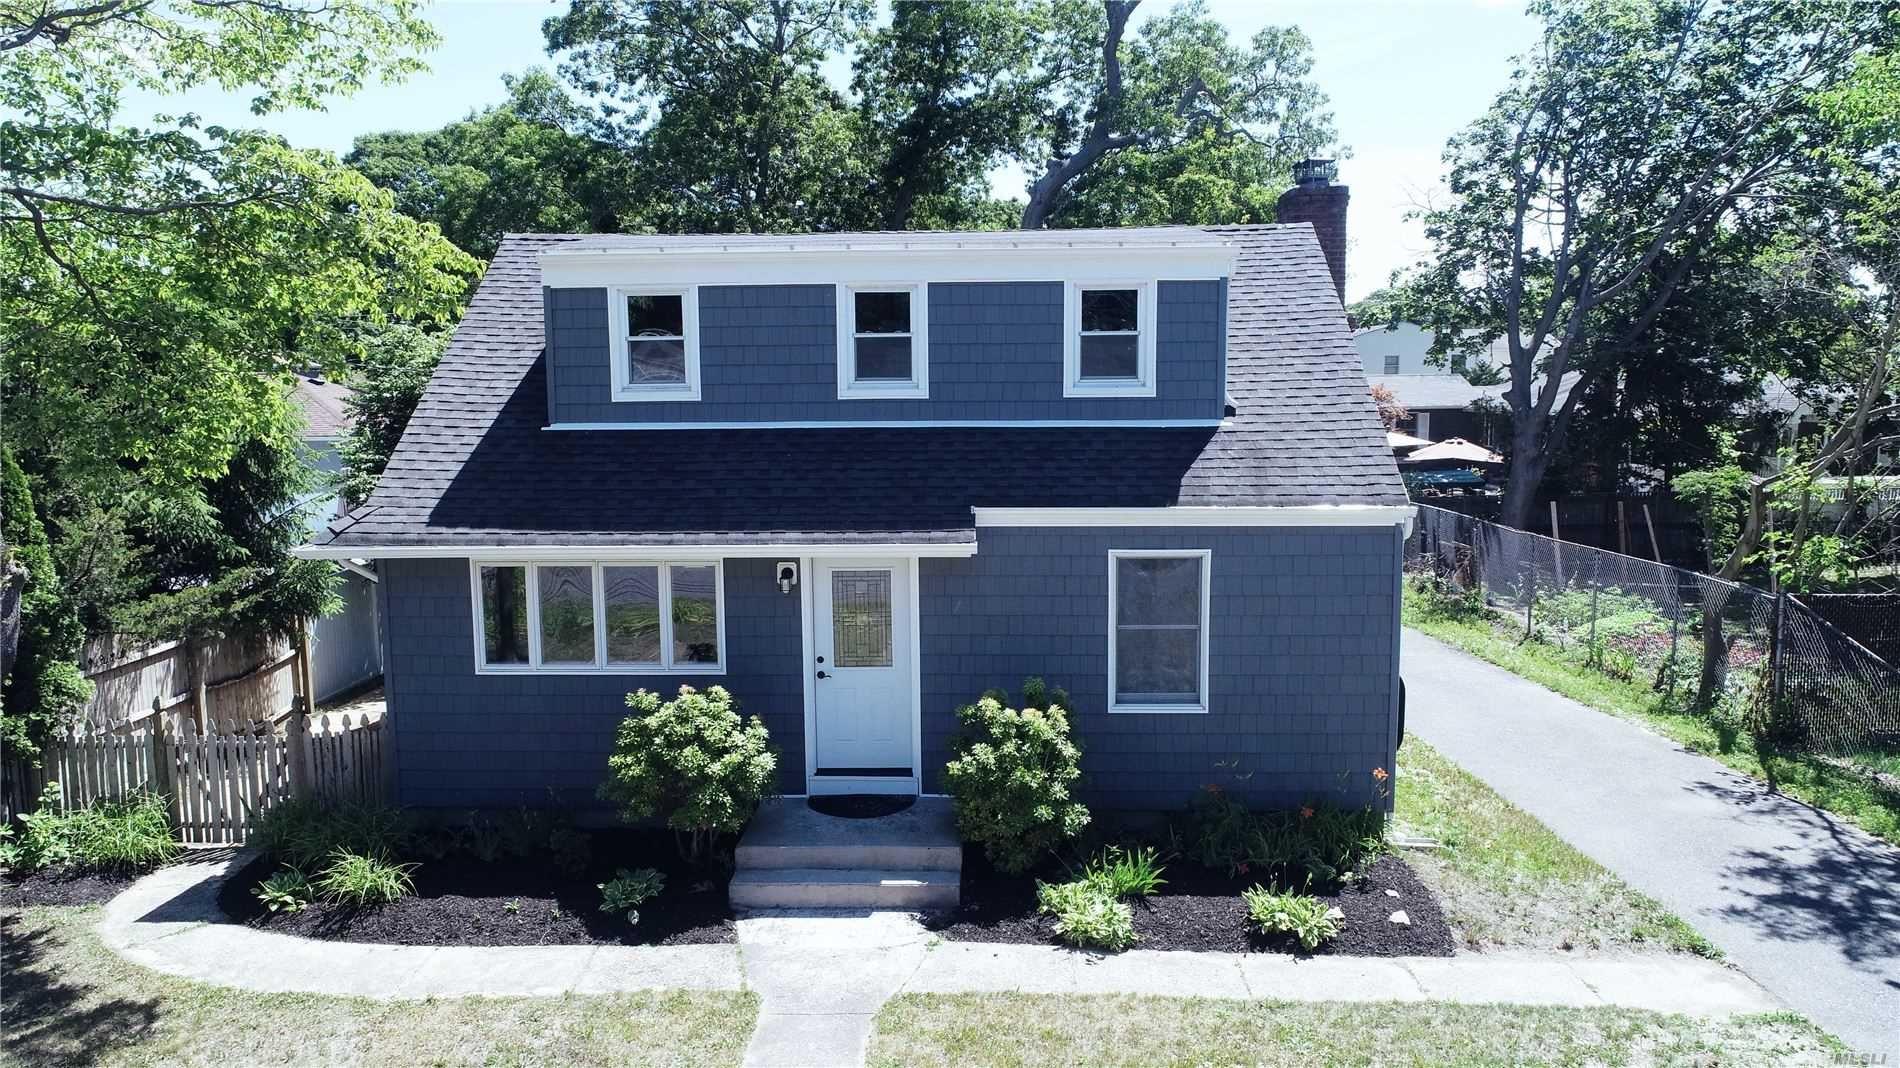 15 Bay Ave, Ronkonkoma, NY 11779 - MLS#: 3210257